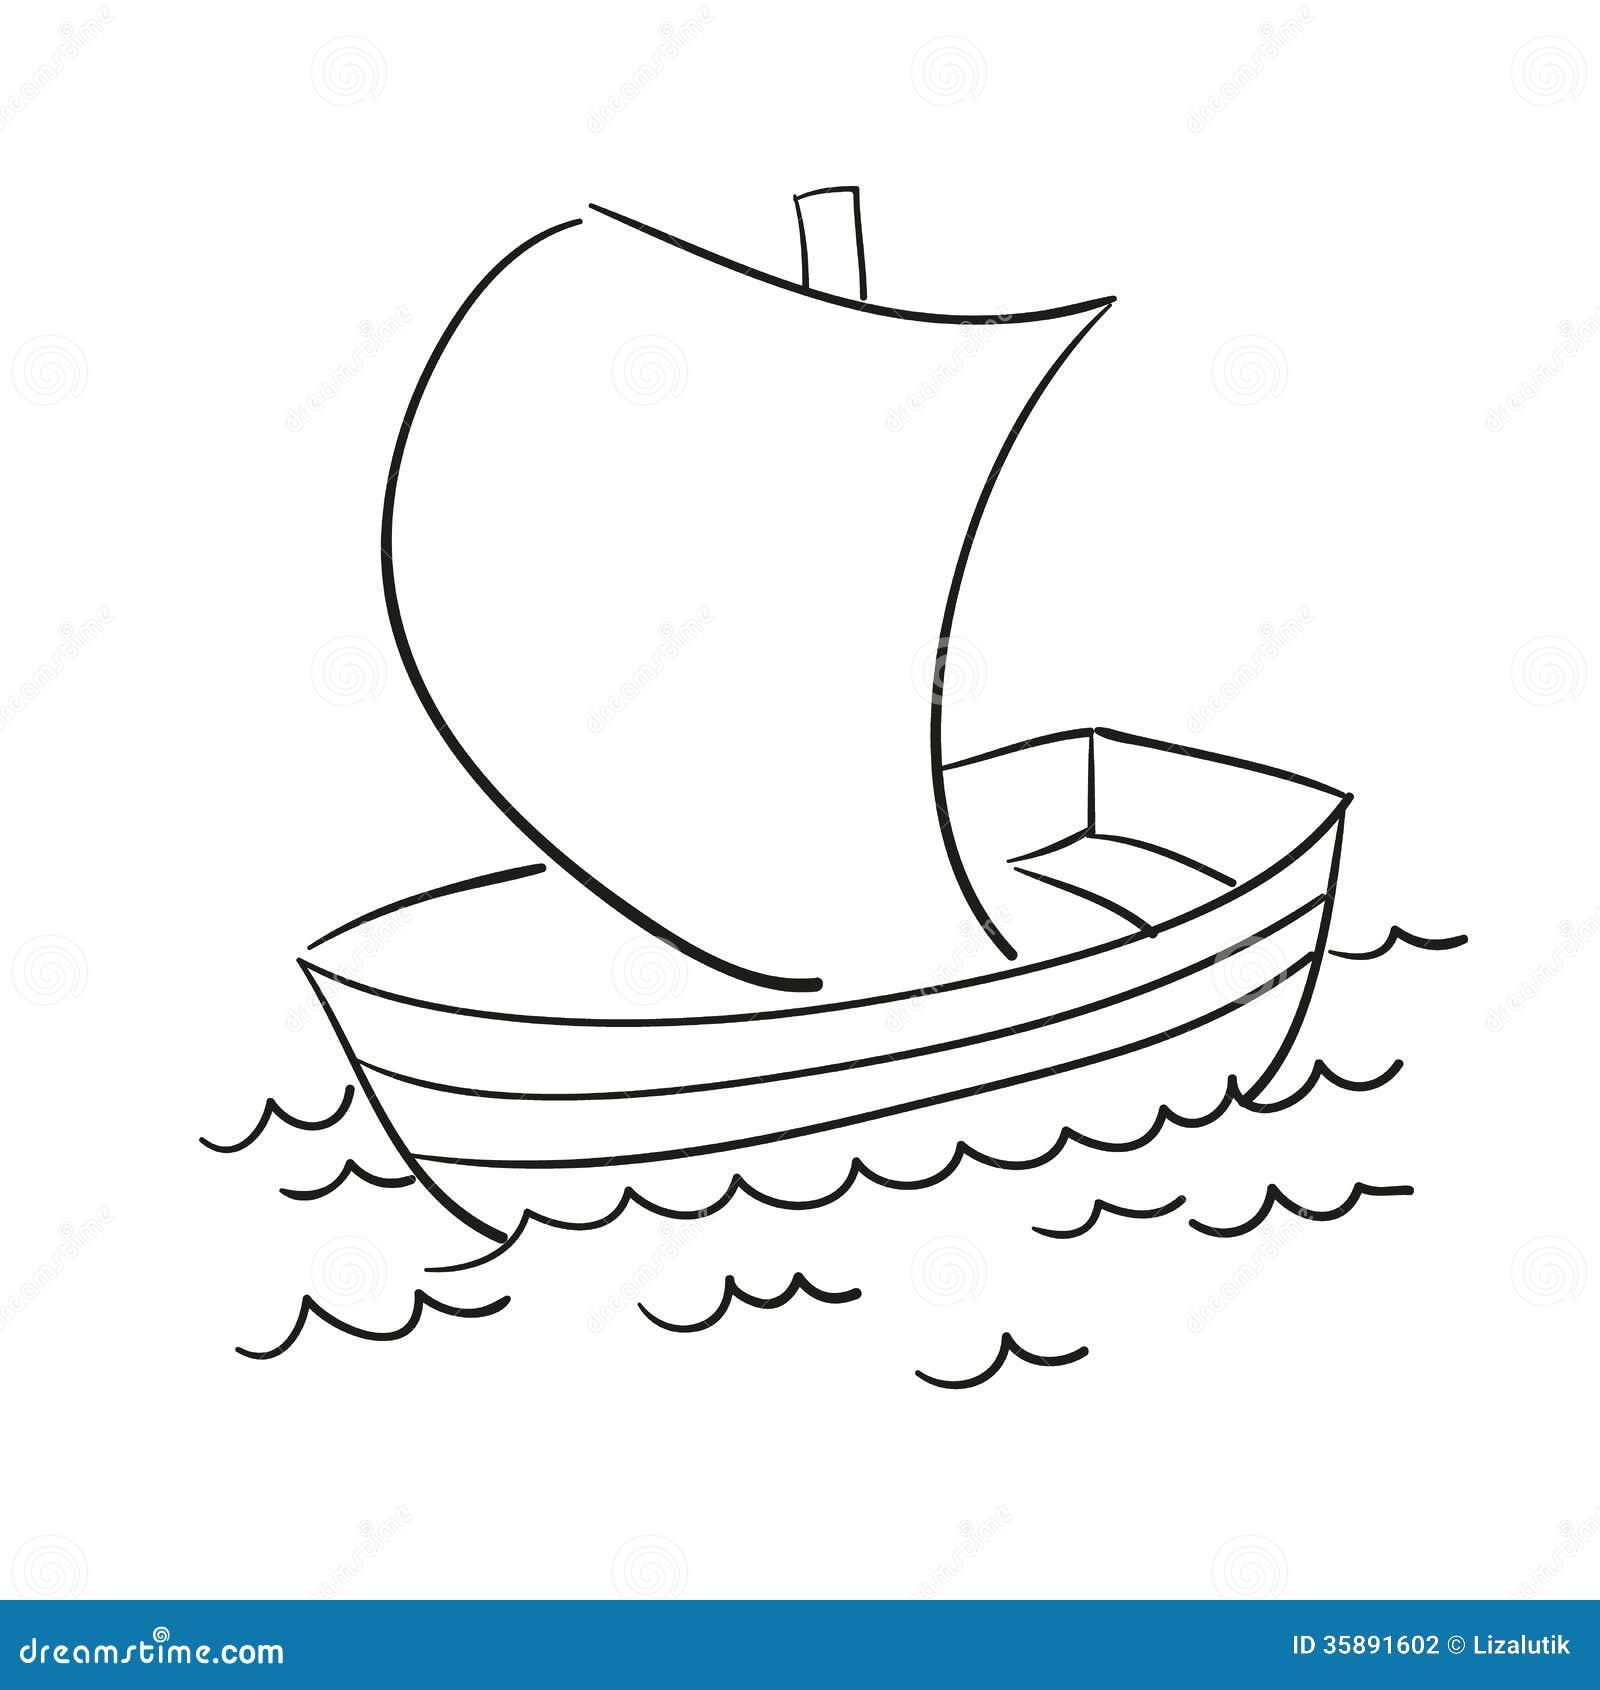 Лодка с мотором раскраска